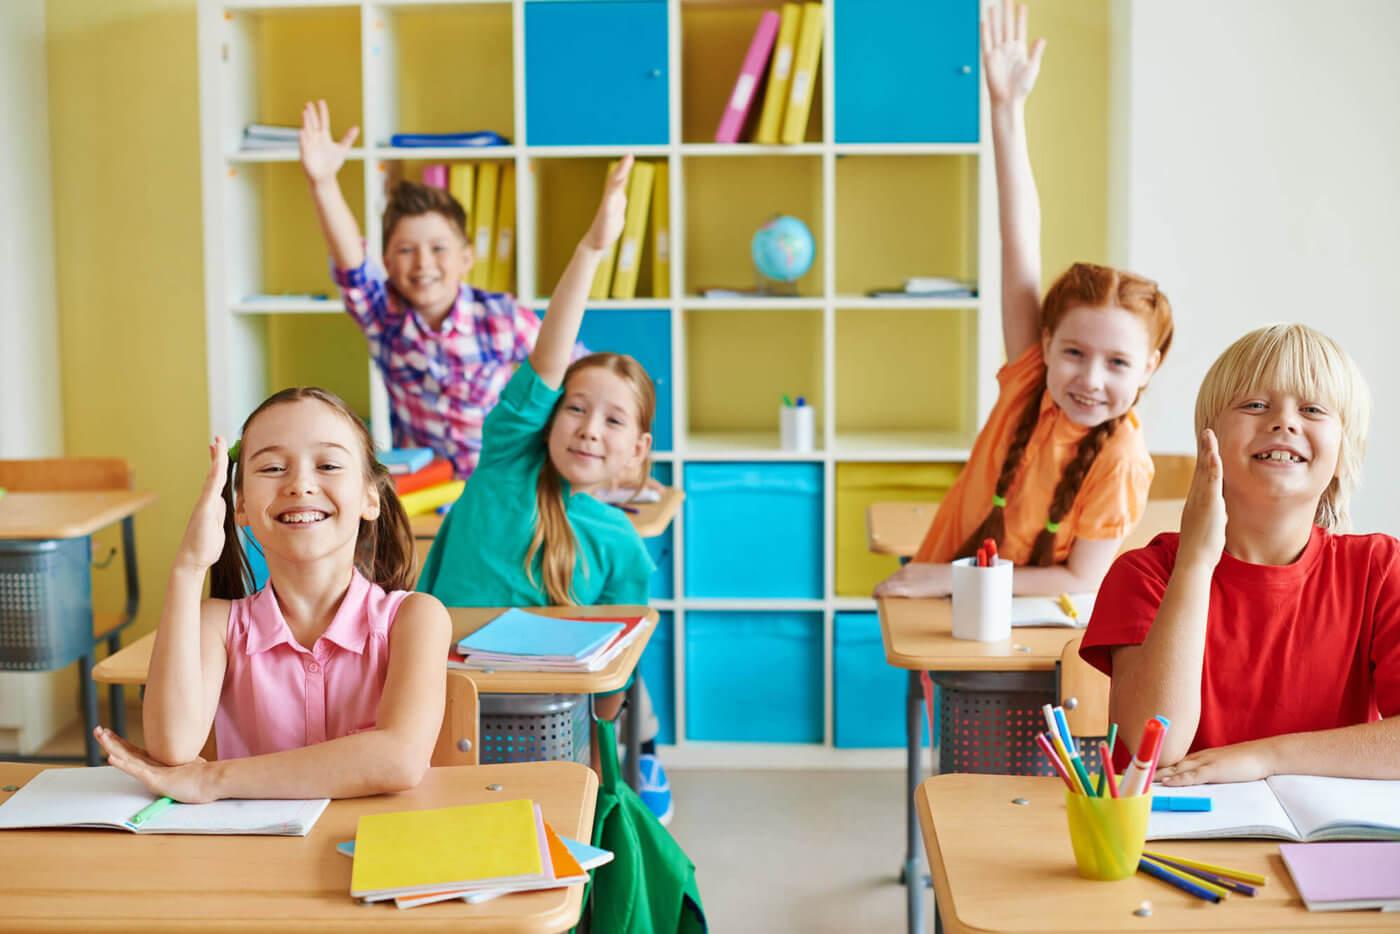 オーストラリアで親子留学するならクリエイタス